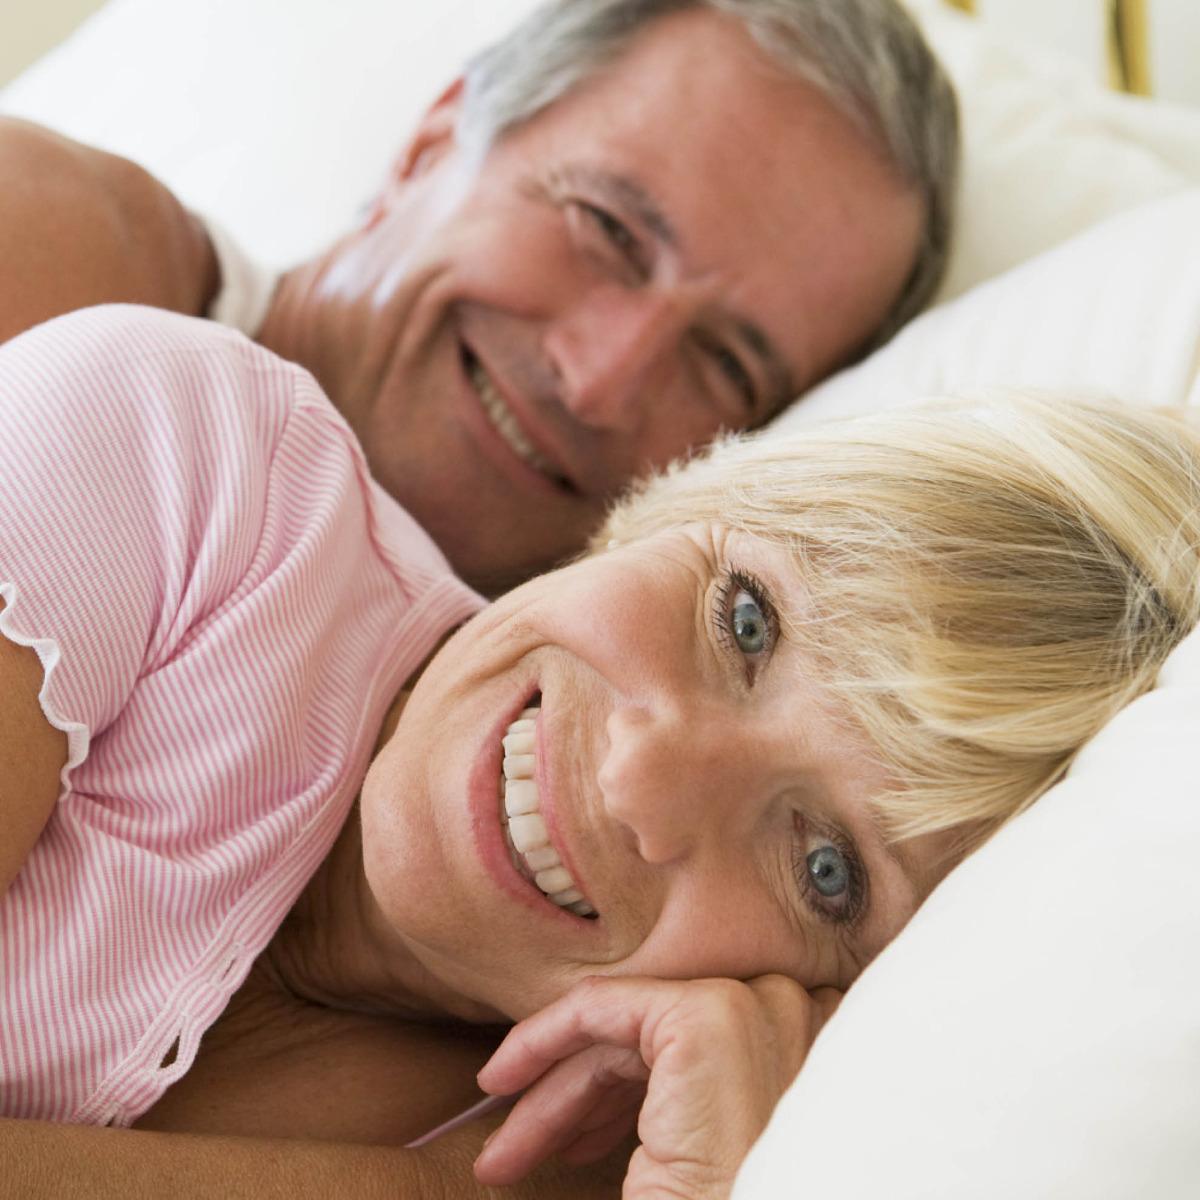 Rugklachten bij het opstaan uit bed?